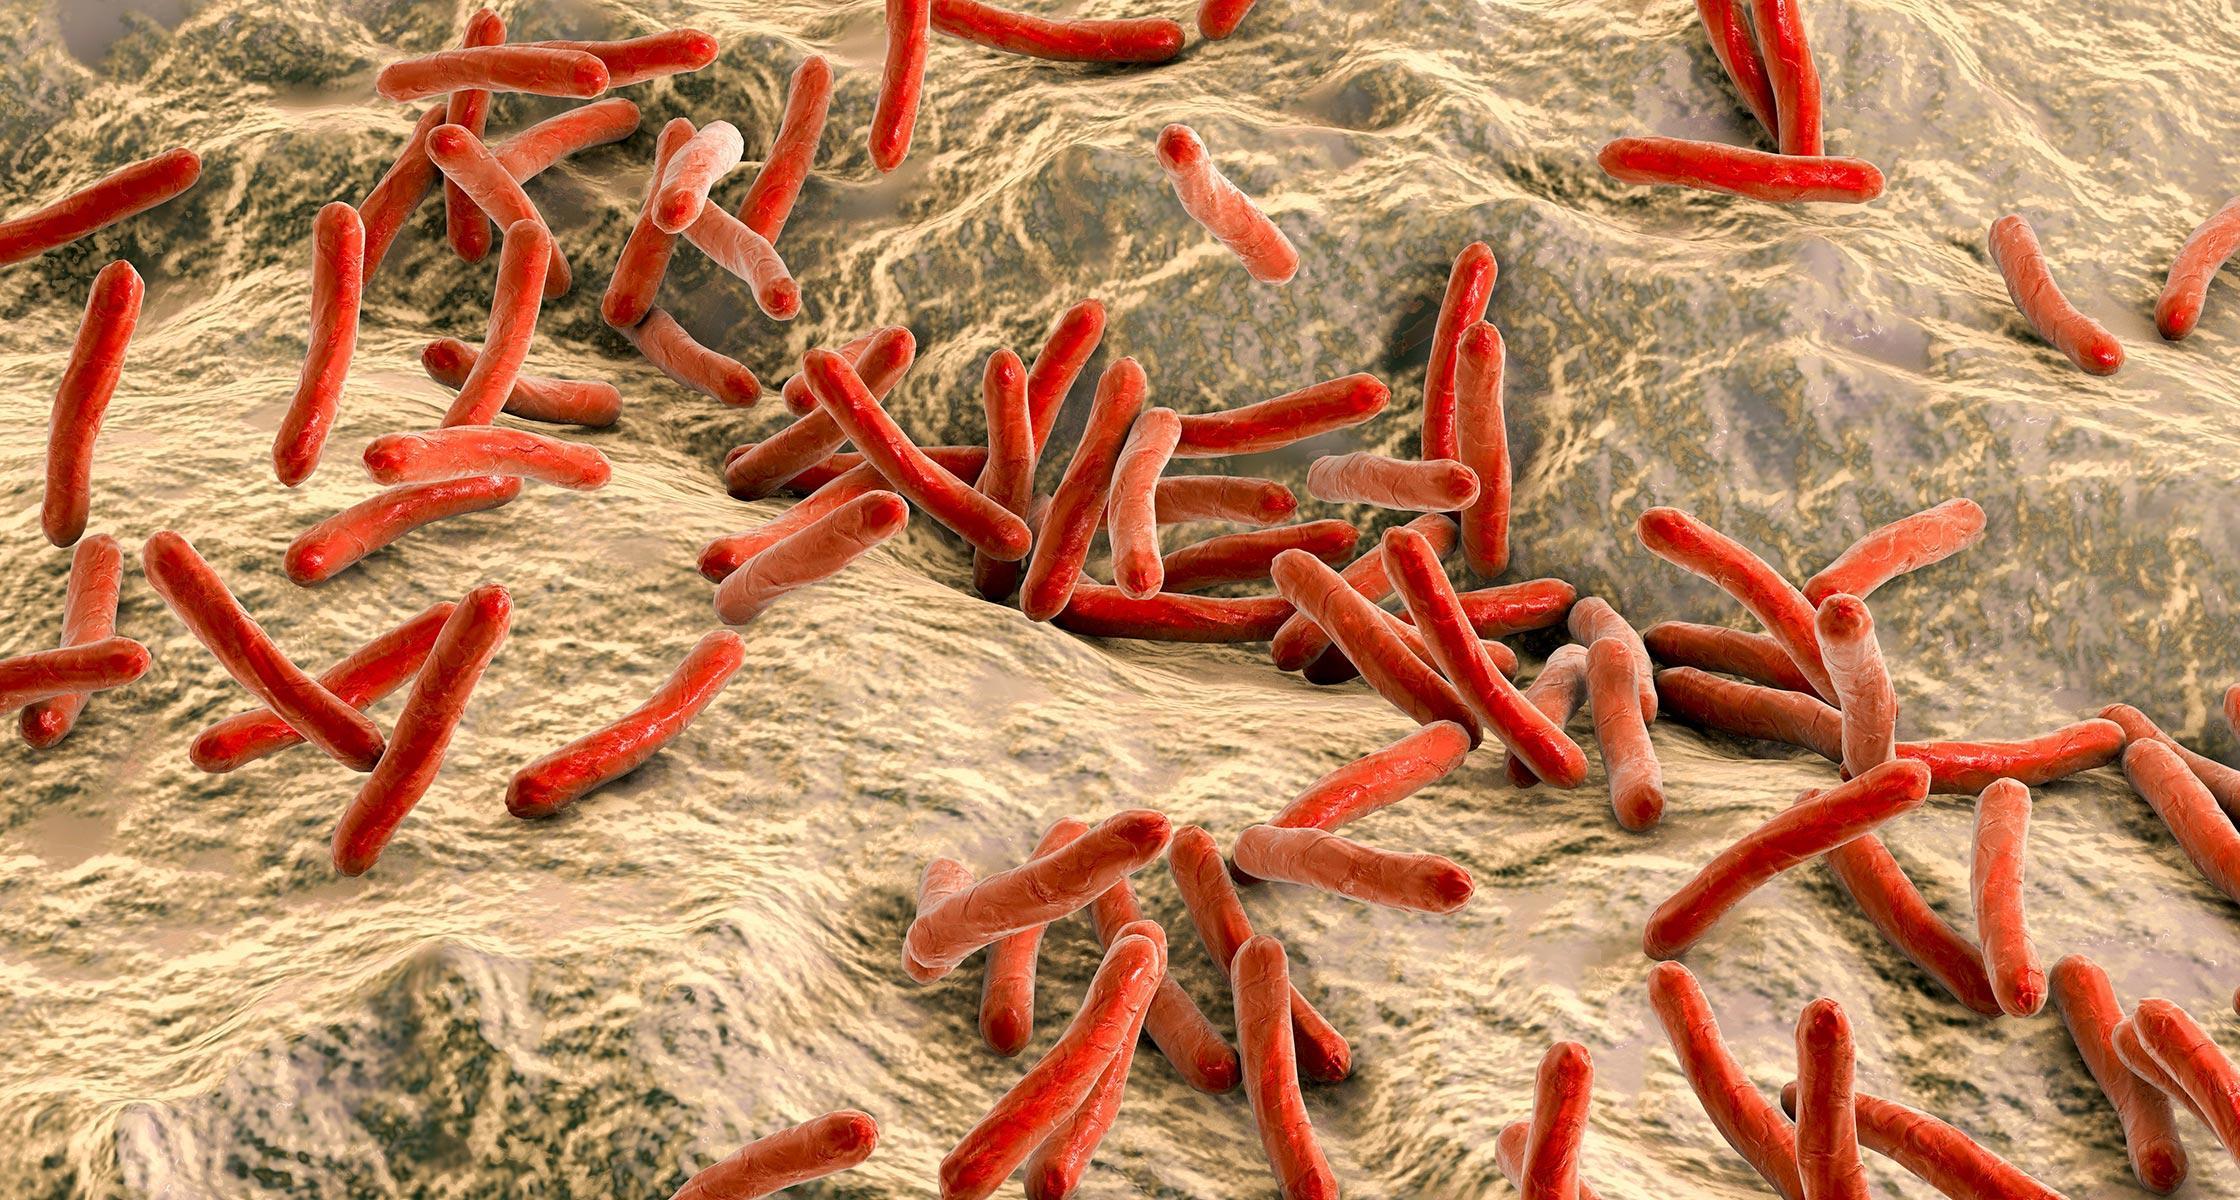 Генетики выяснили, как туберкулез сформировал иммунную систему человека